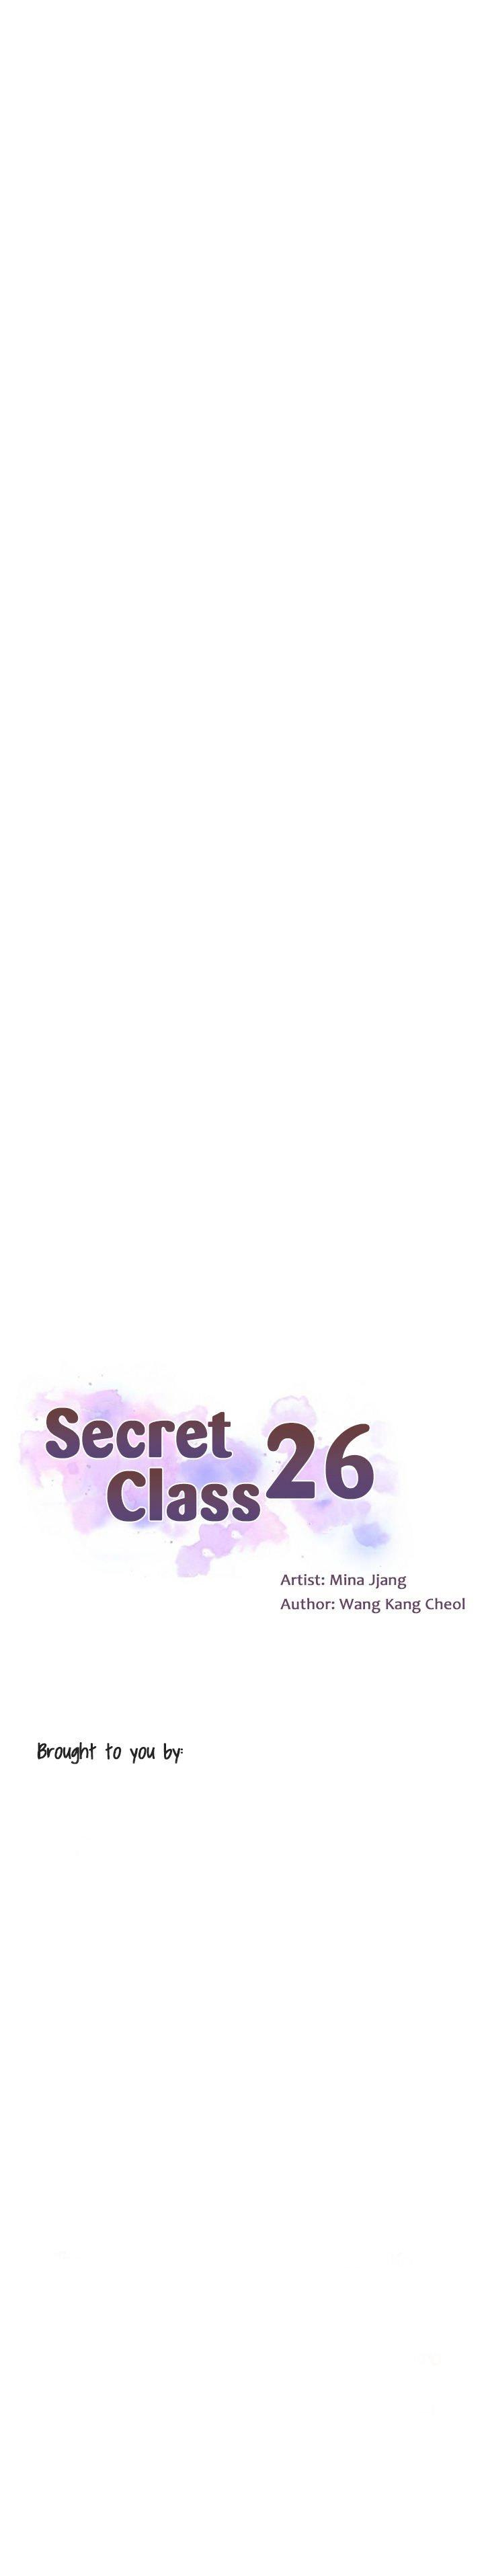 Secret Class Ch.39/? 362